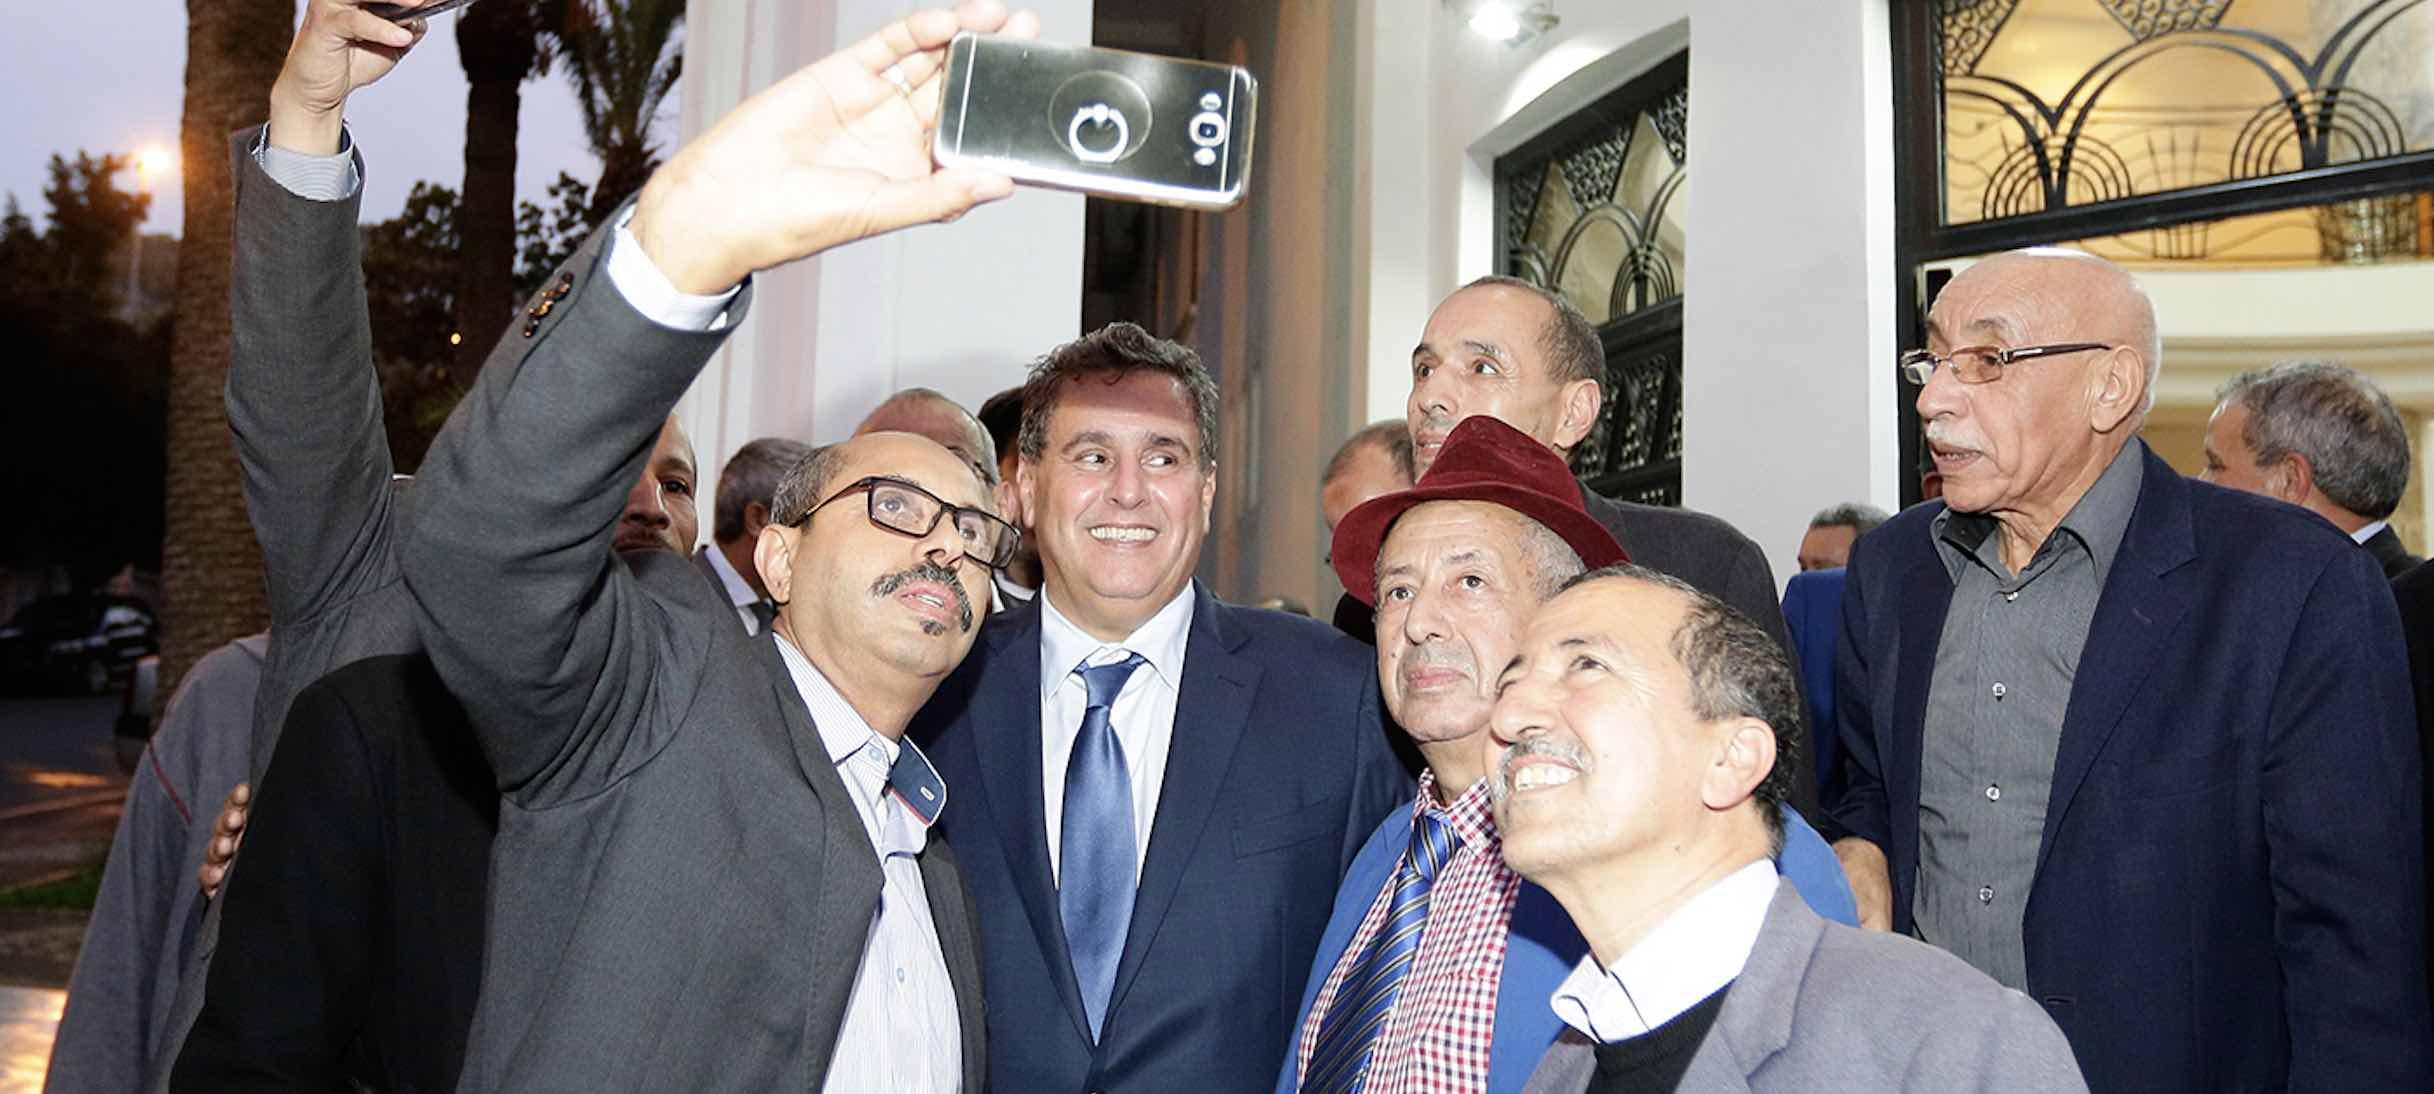 Souss-Massa : Akhannouch se penche sur les problématiques liées à l'arganier et au surpâturage